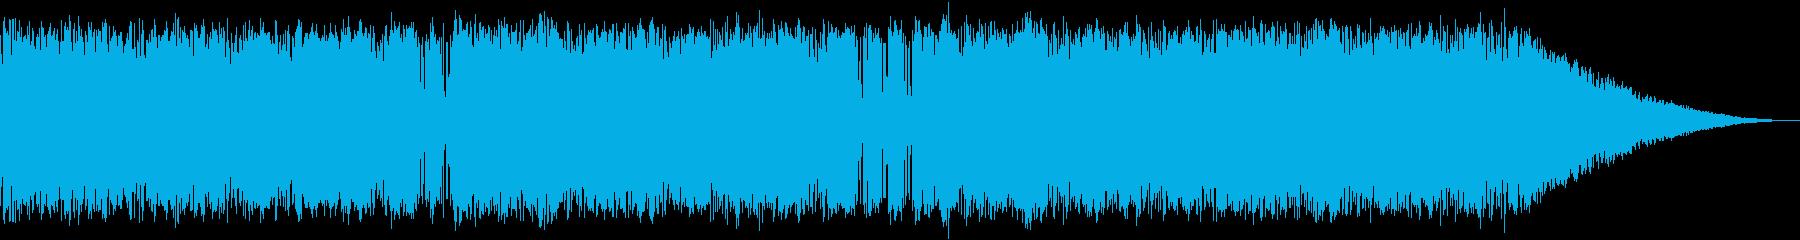 ロカビリーなオケーストラの再生済みの波形